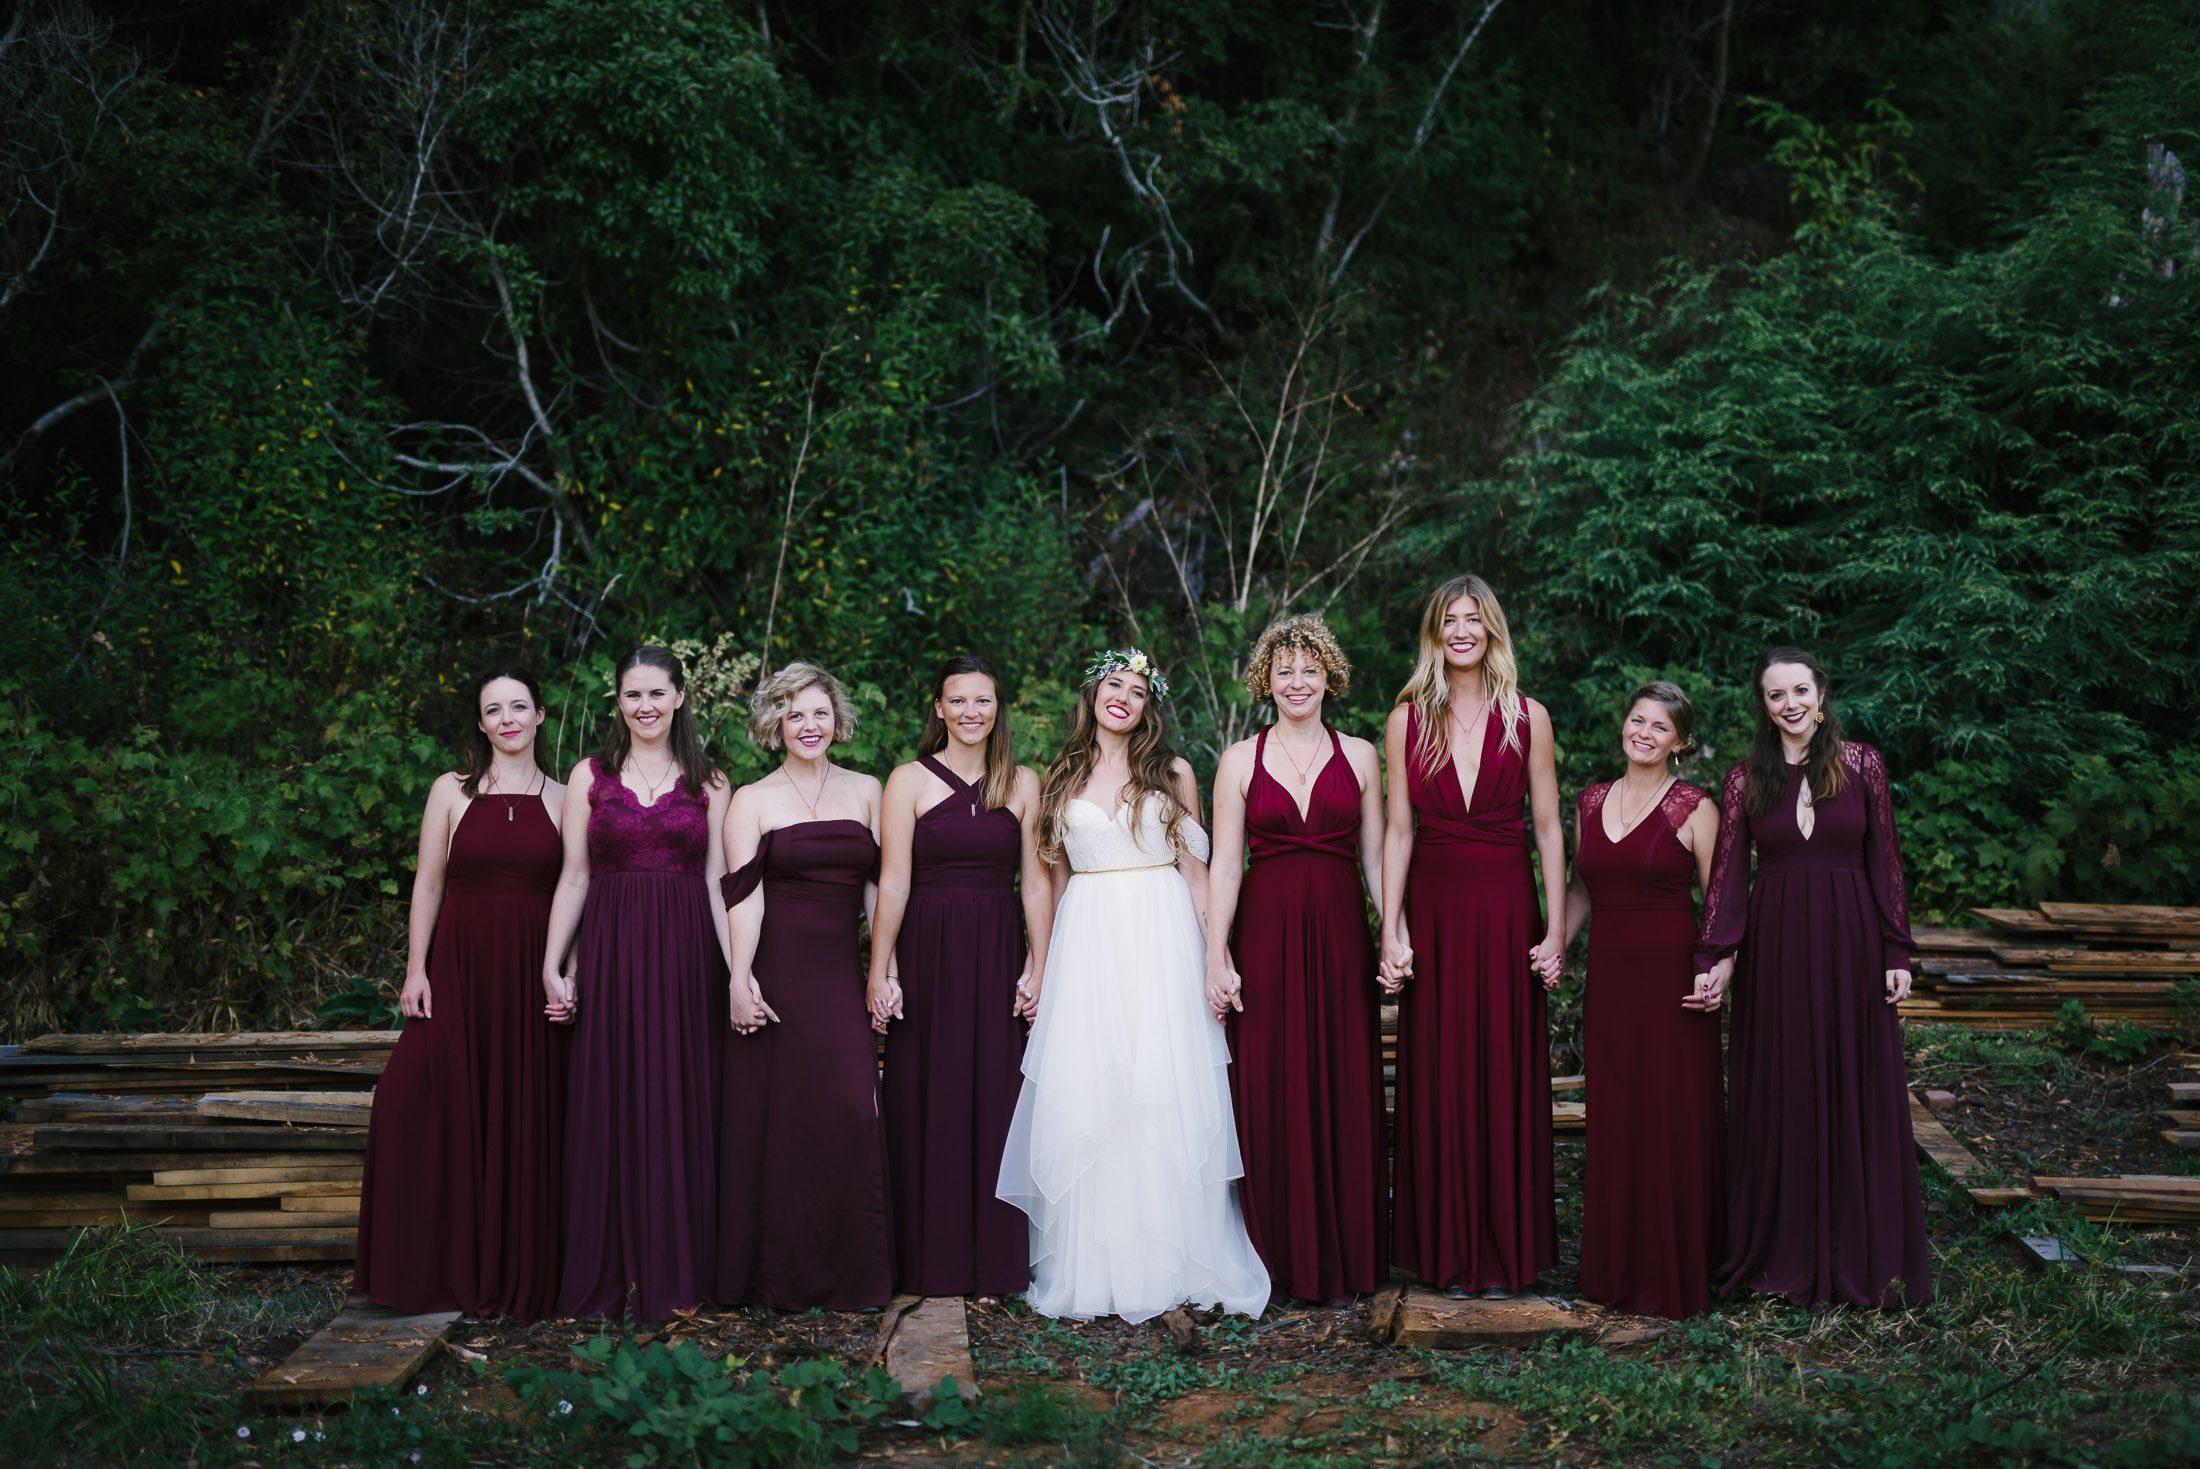 Oz Farm Wedding Bridal Party Portrait